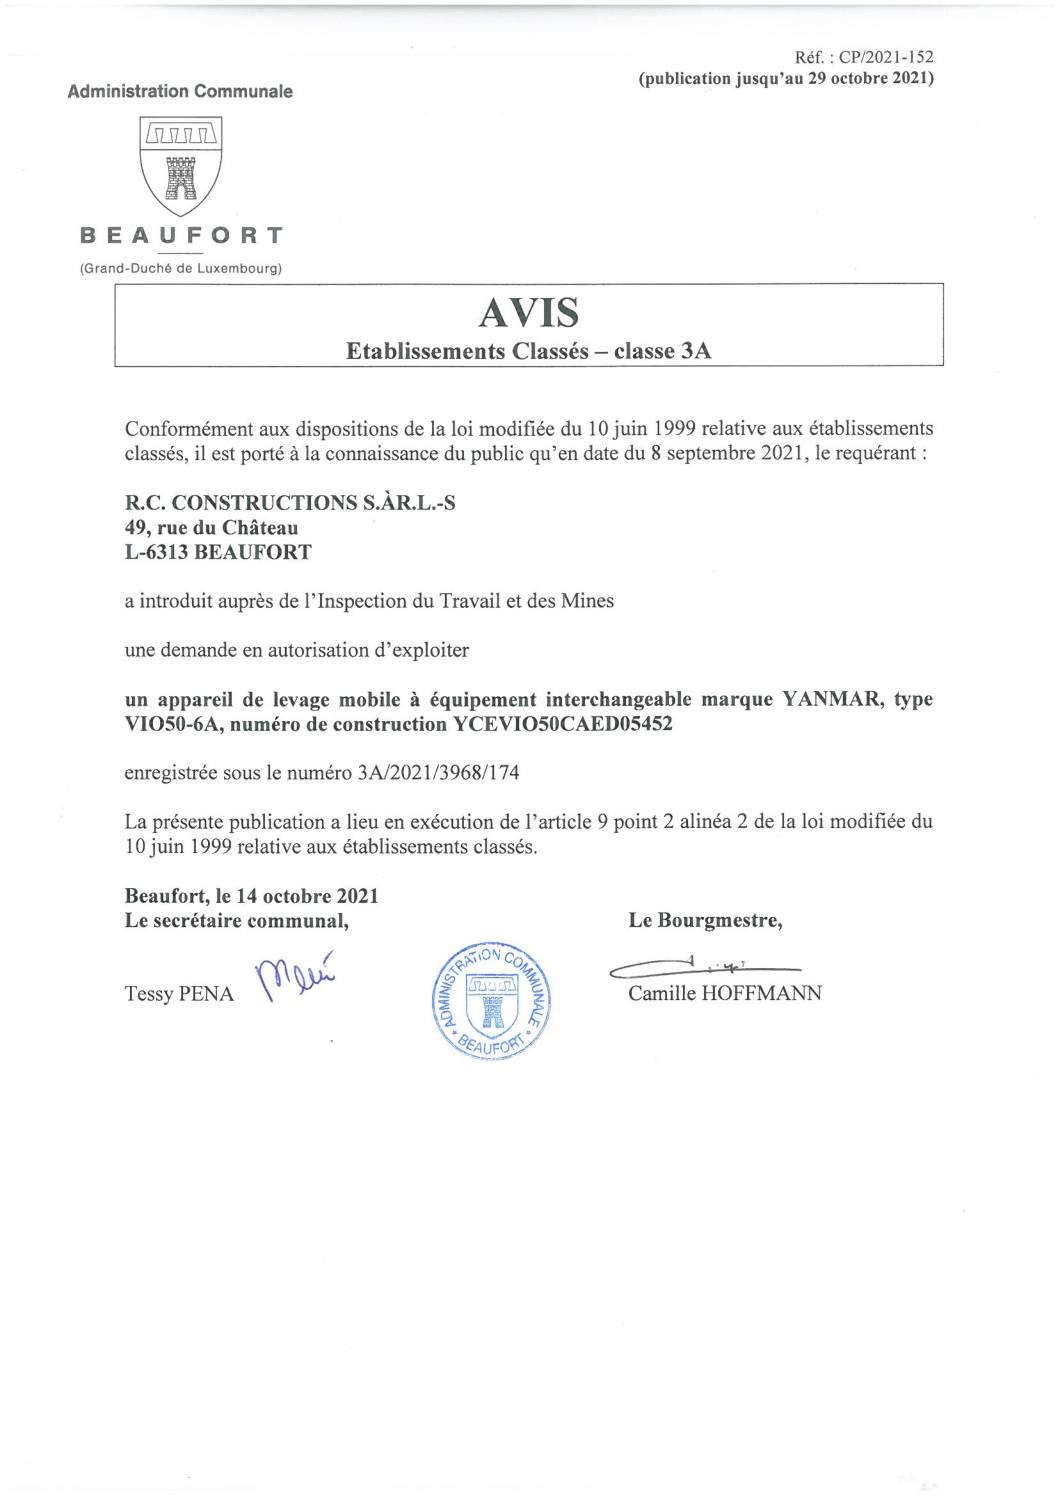 Demande d'autorisation pour l'exploitation d'un appareil de levage mobile